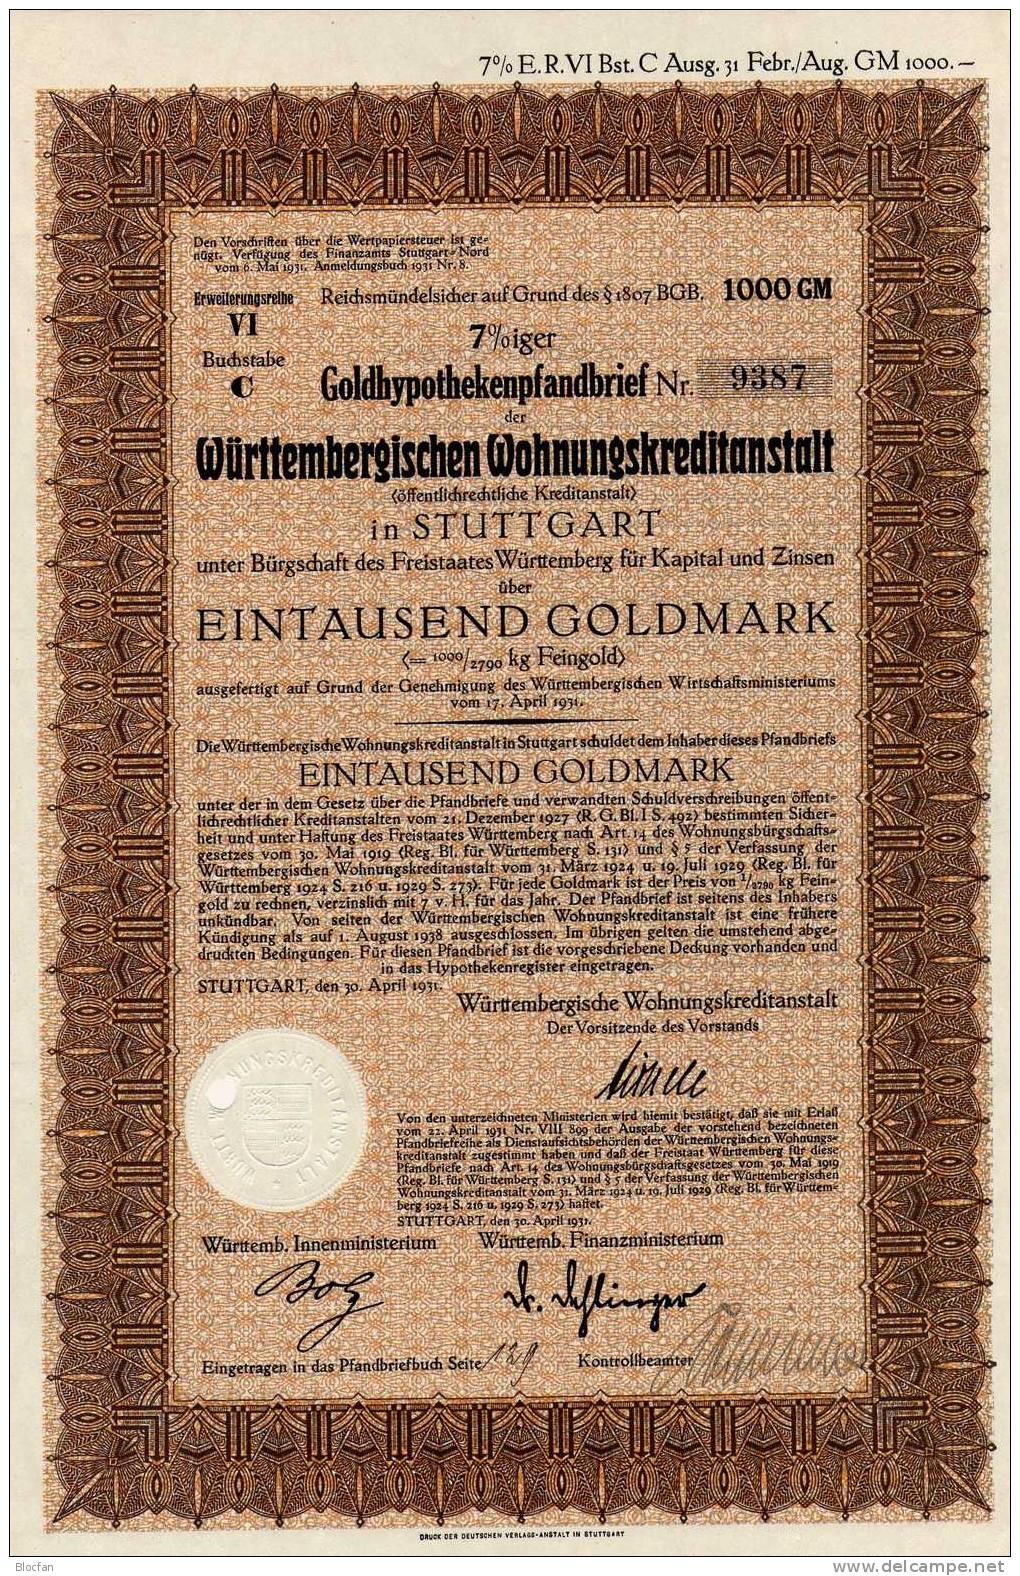 Deutschland Wohnungs-Kreditanstalt Württemberg1931 Feinst 1000 Goldmark öffentliche Aktie Stuttgart Document Of Germany - Industrie